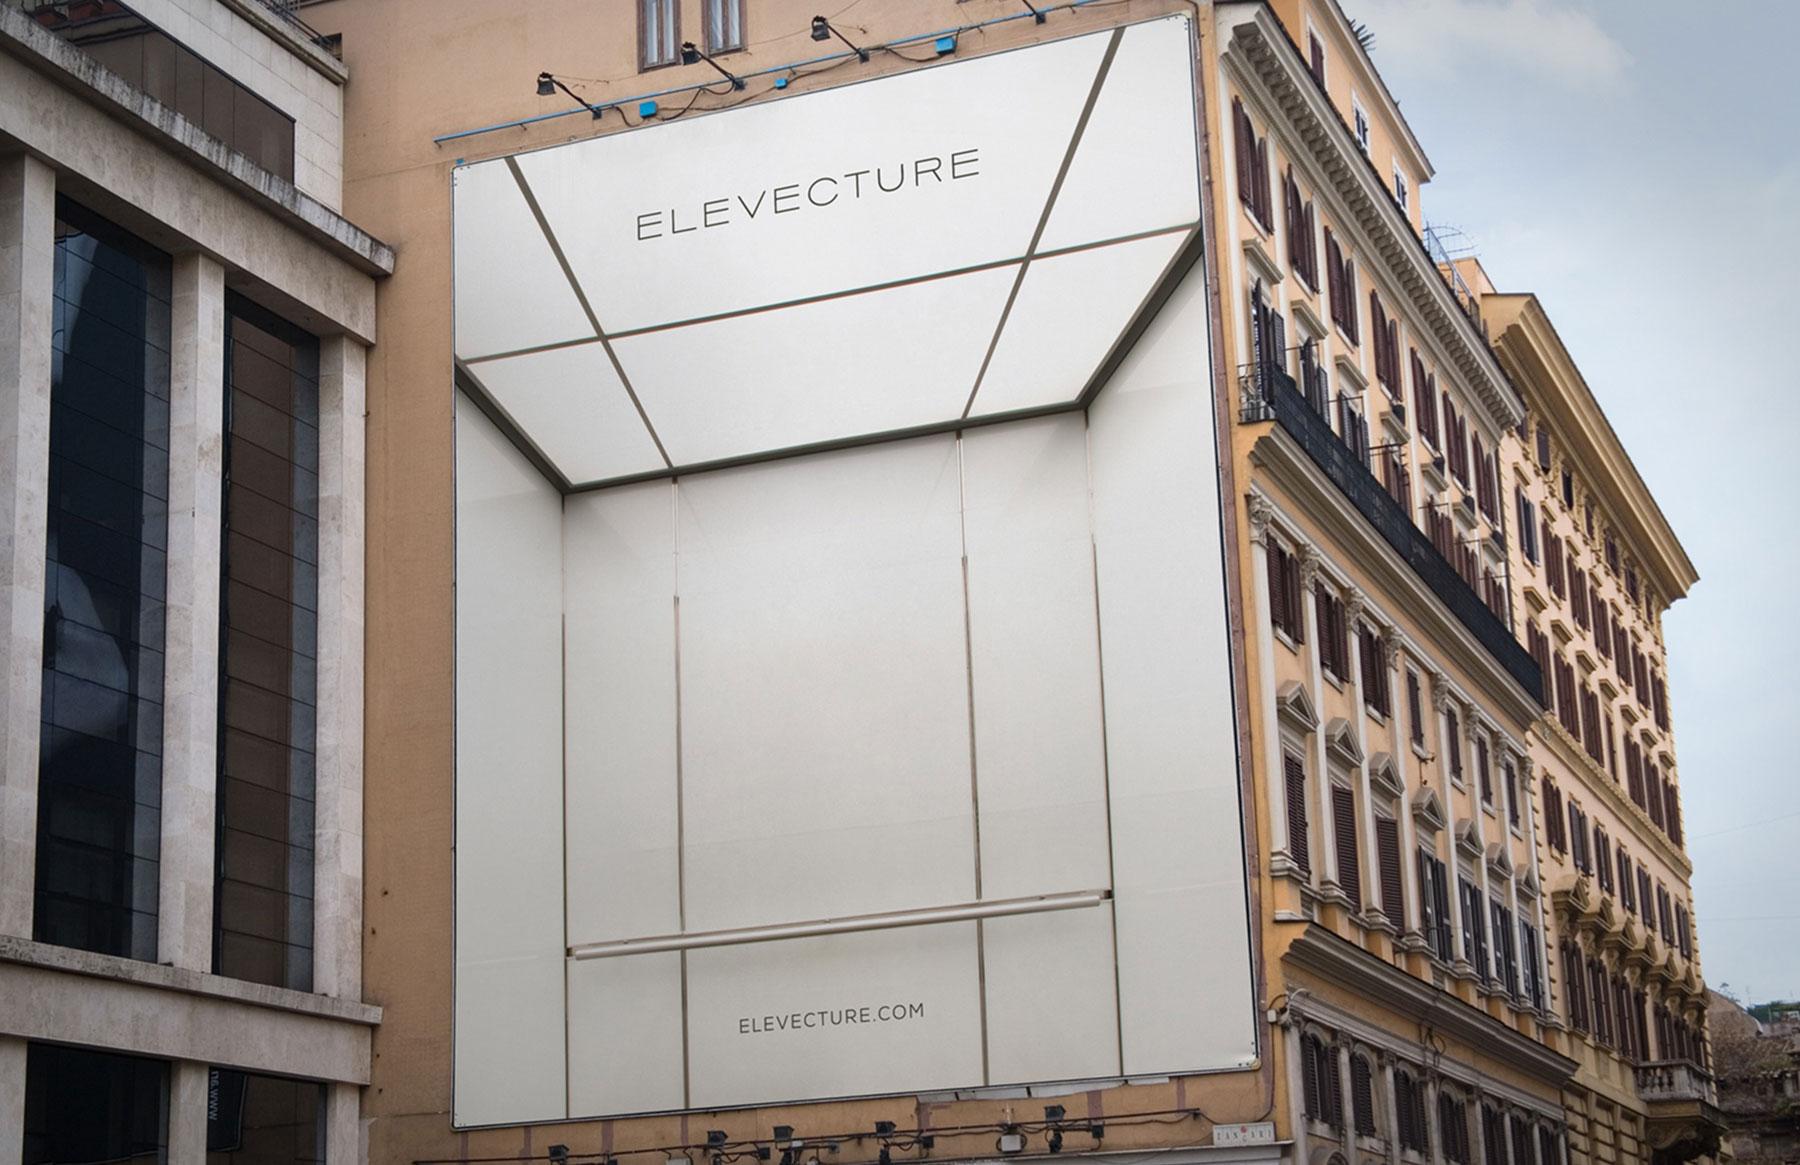 Elevecture-billboard